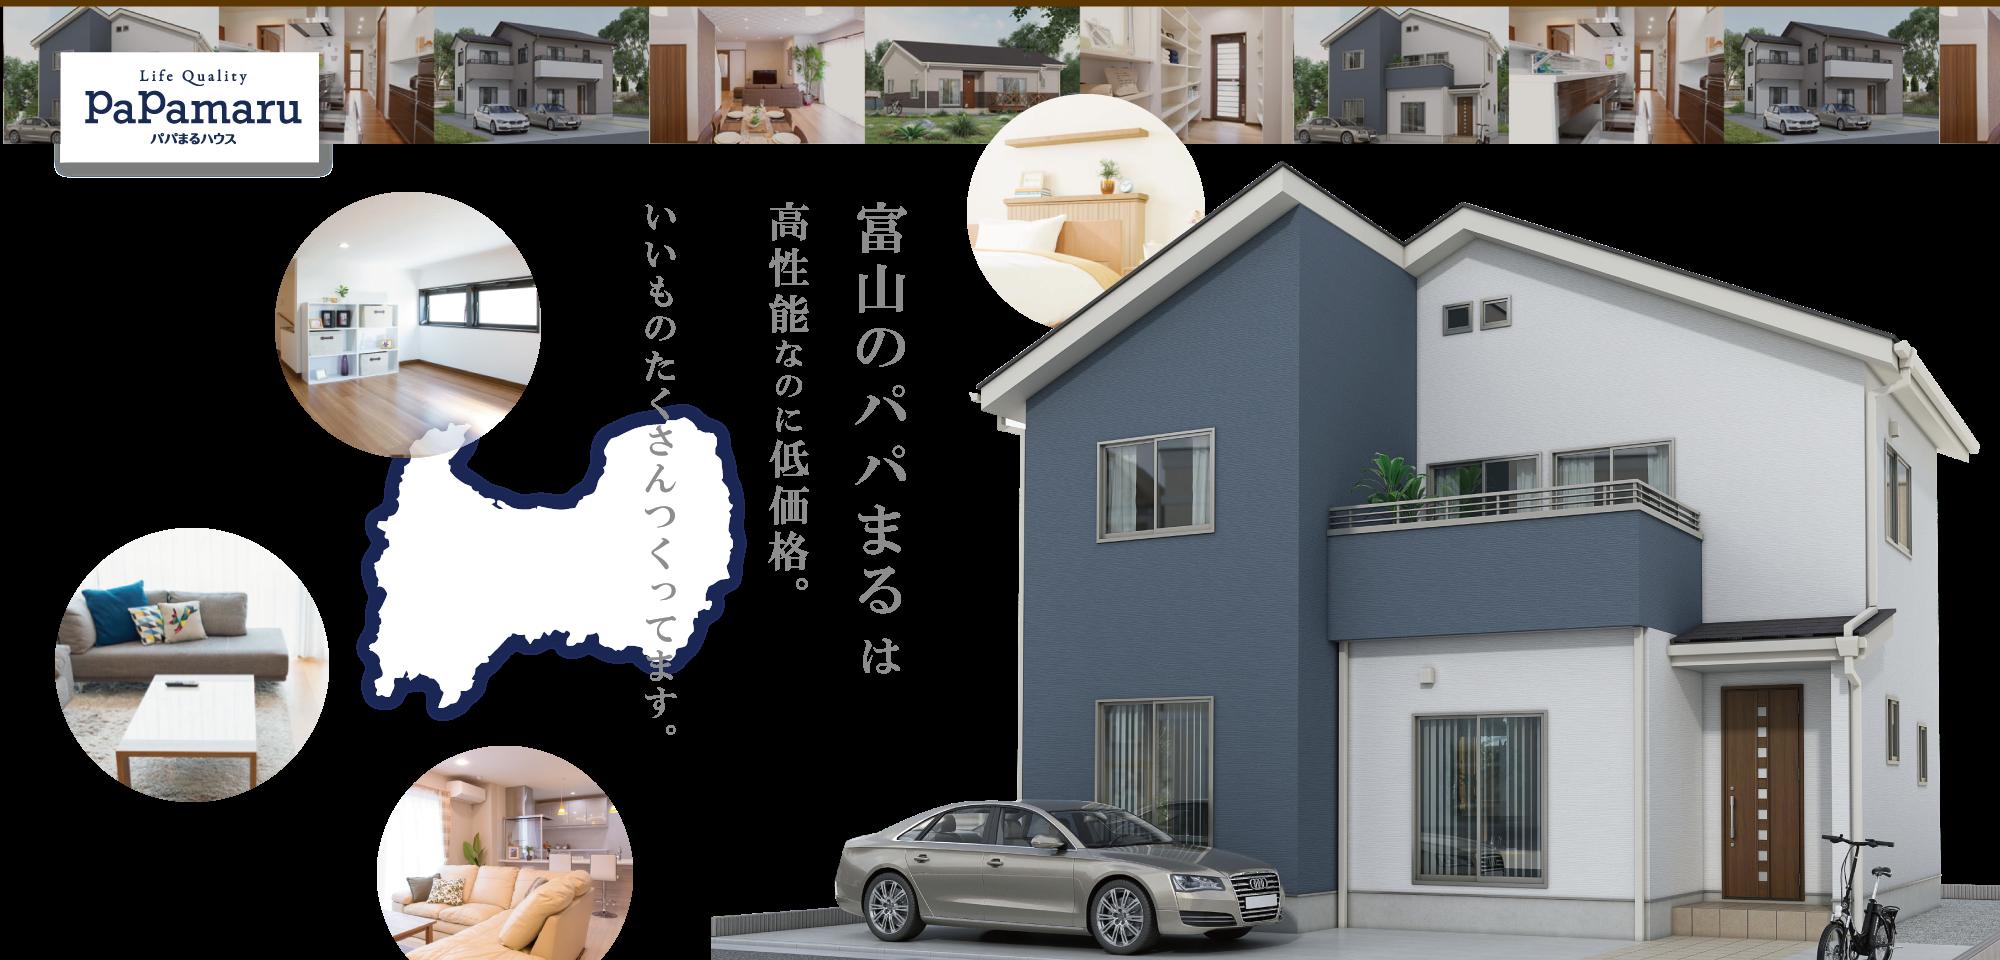 富山のパパまるは豪雪・高温多湿・猛暑環境に強いハイスペック住宅。